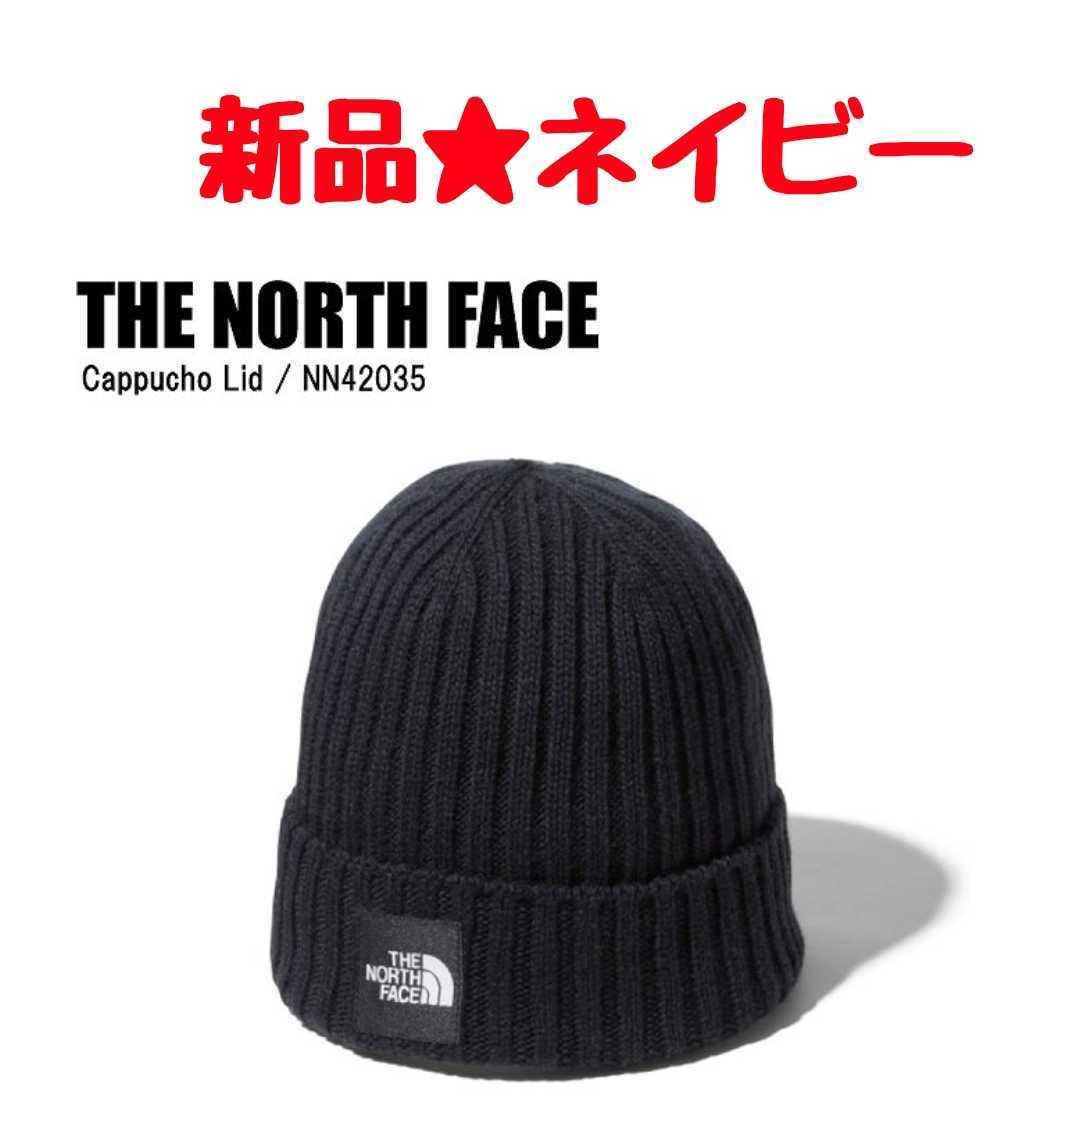 新品 ビーニー ニット帽 ネイビー CAPPCHO LID カプッチョリッド ワッチキャップ THE NORTH FACE ノースフェイス